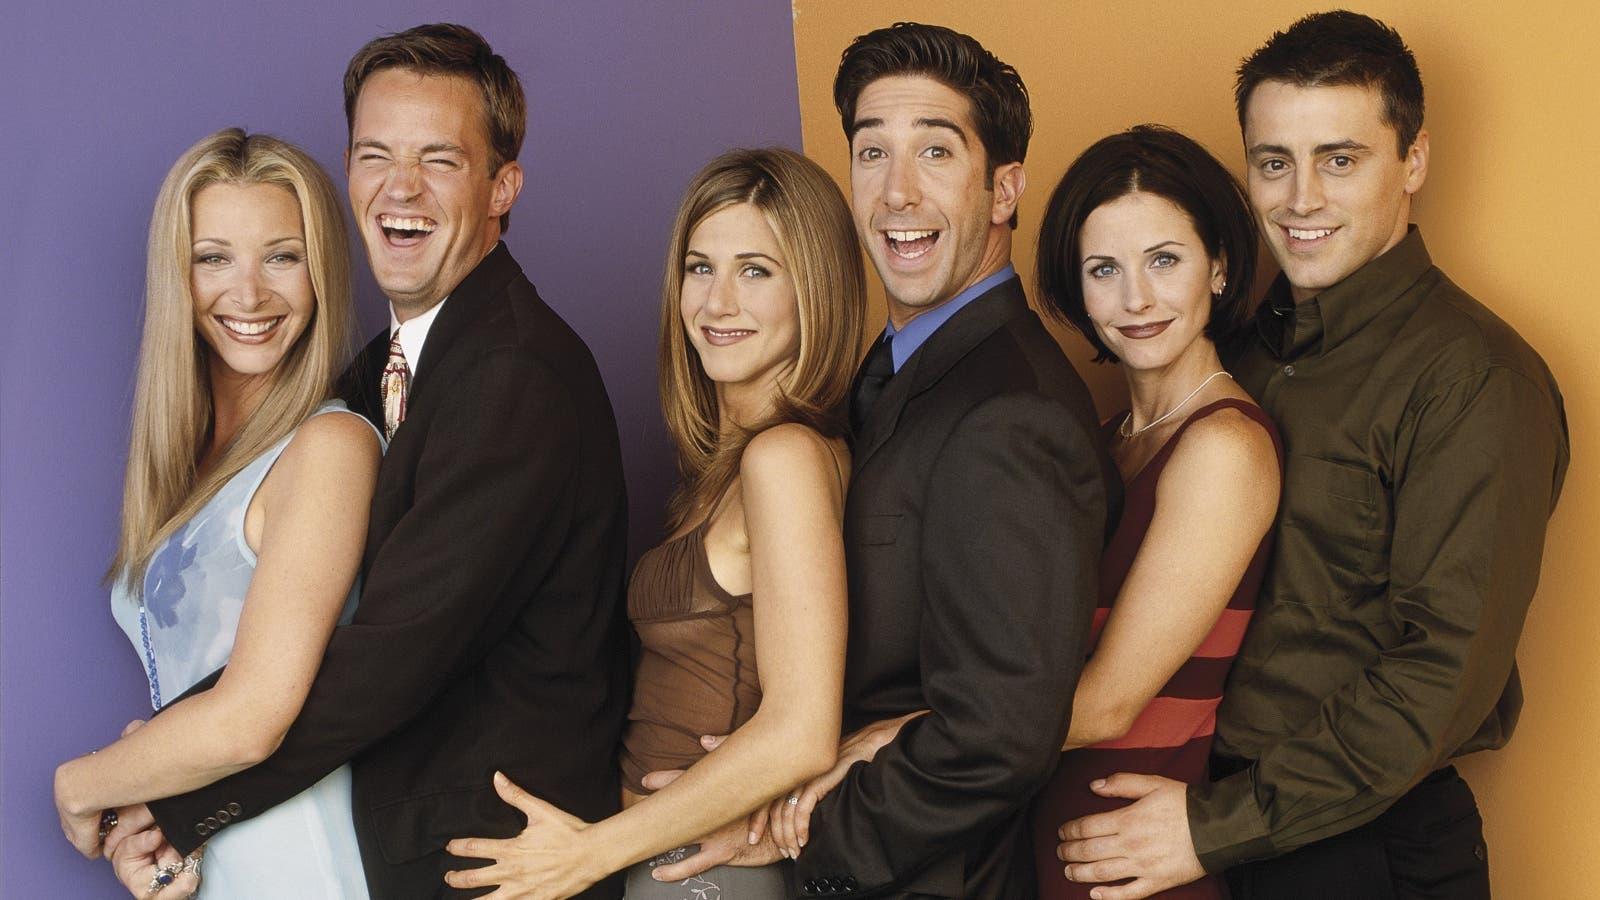 نجوم مسلسل Friends يحضّرون مفاجأة لمعجينهم.. هل هناك جزء آخر؟